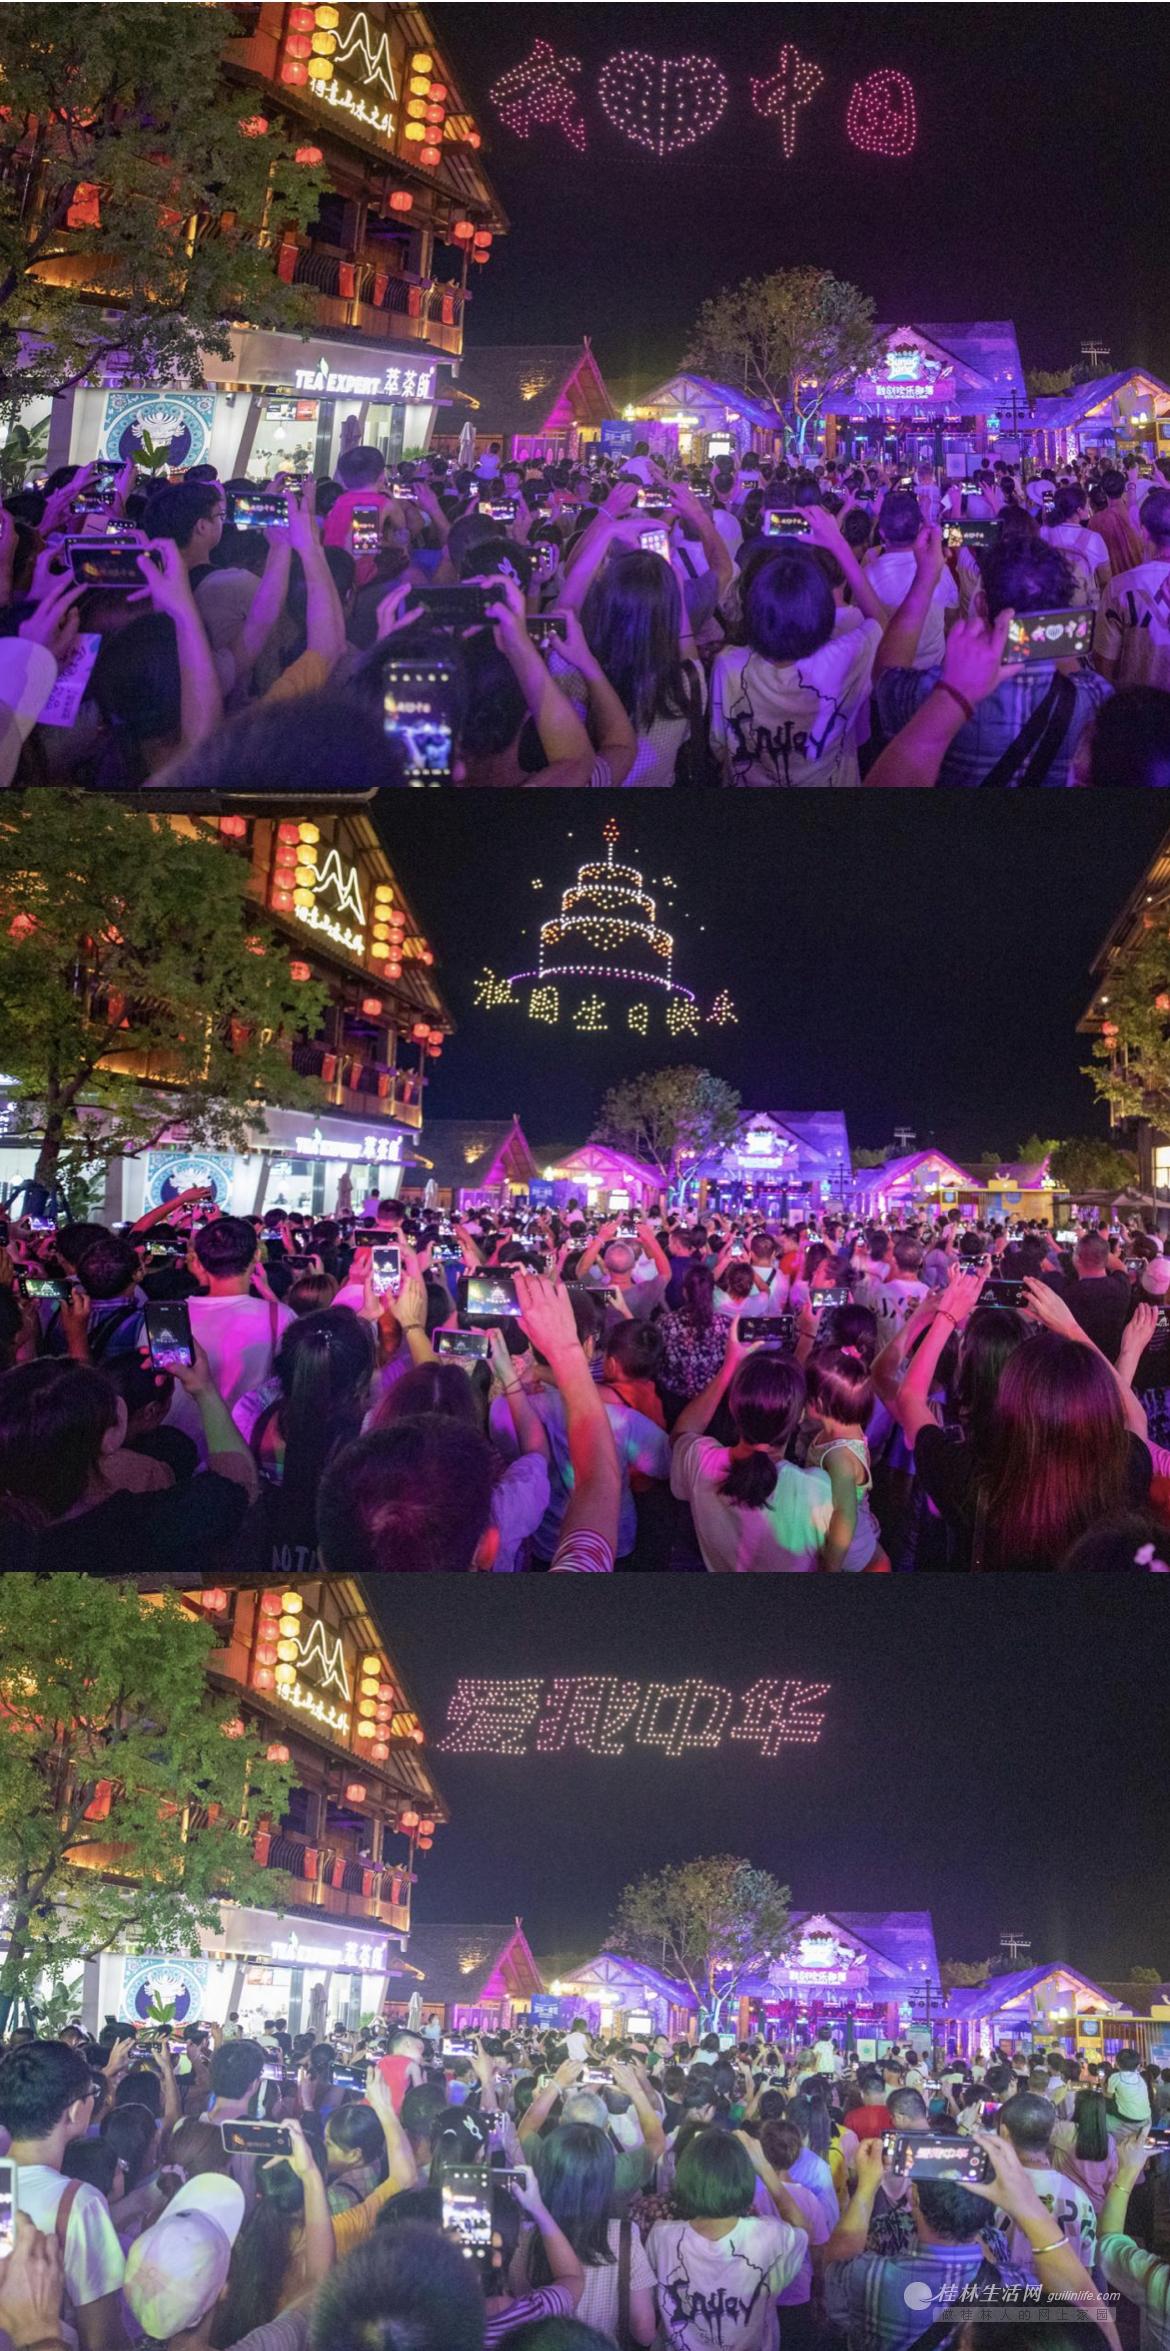 桂林融创国际旅游度假区无人机表演秀献礼祖国